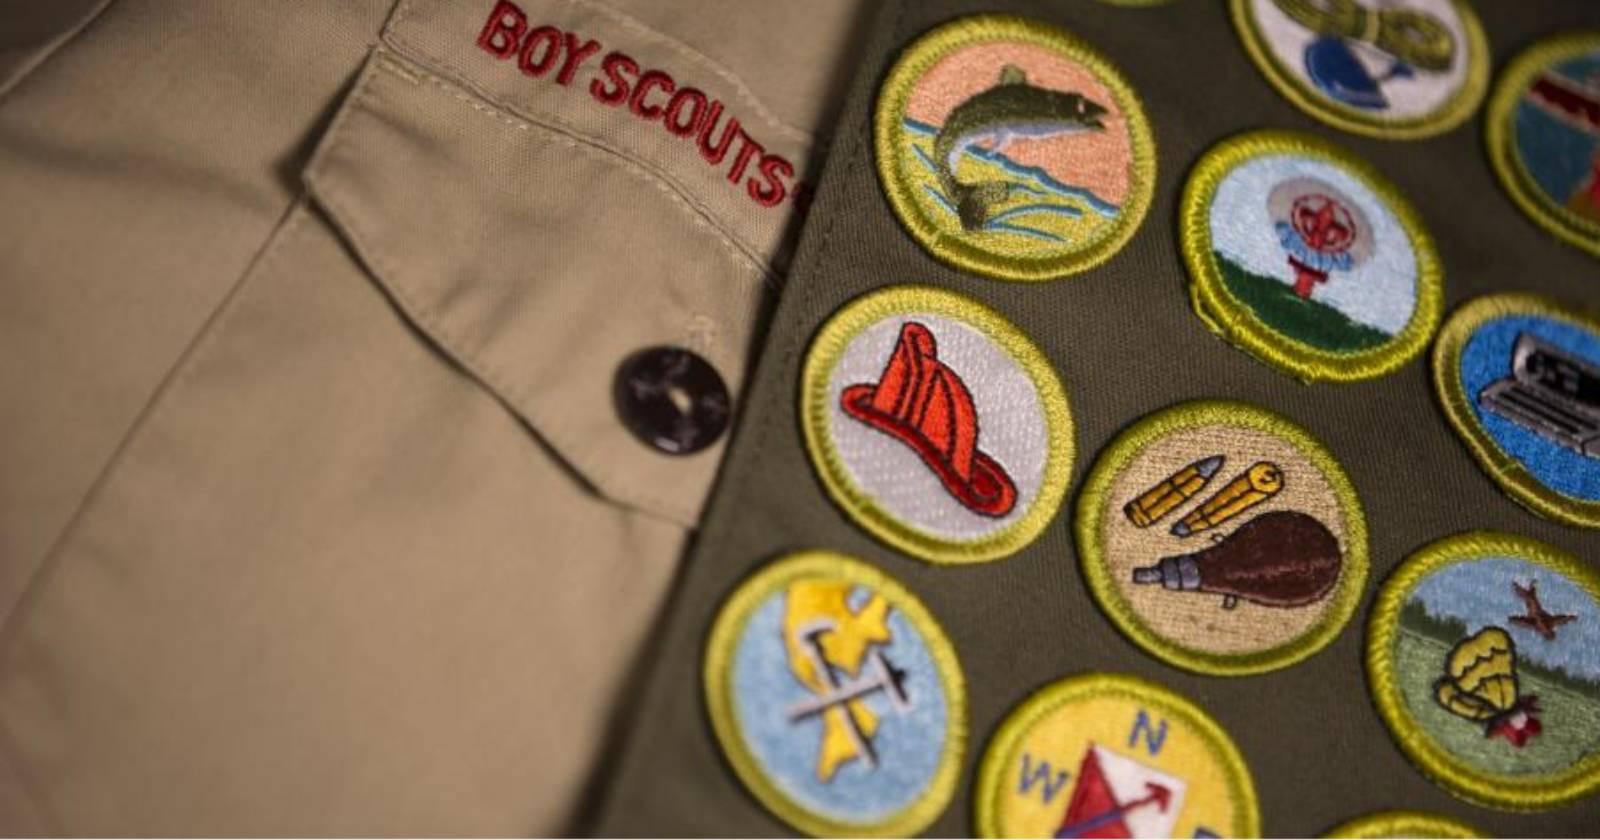 Más de 82 mil ex boy scouts denunciaron a la organización por abusos sexuales